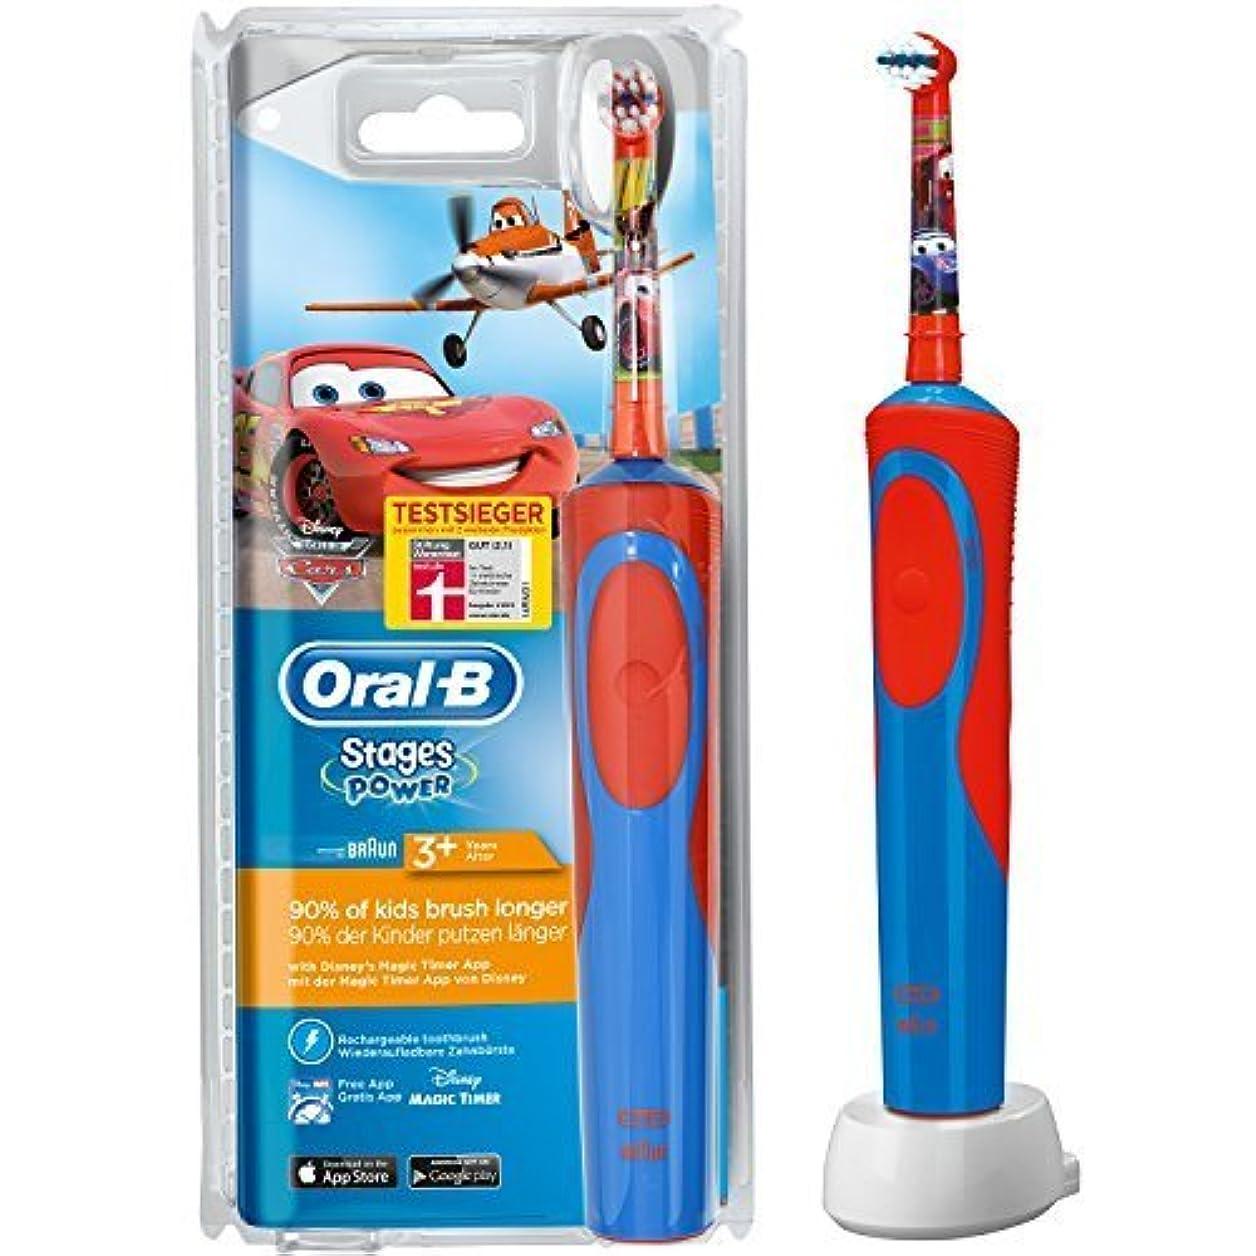 マーク再編成するディレクターOral-B Stages Power Cars Children's Electric Toothbrush with Timer by Oral-B [並行輸入品]